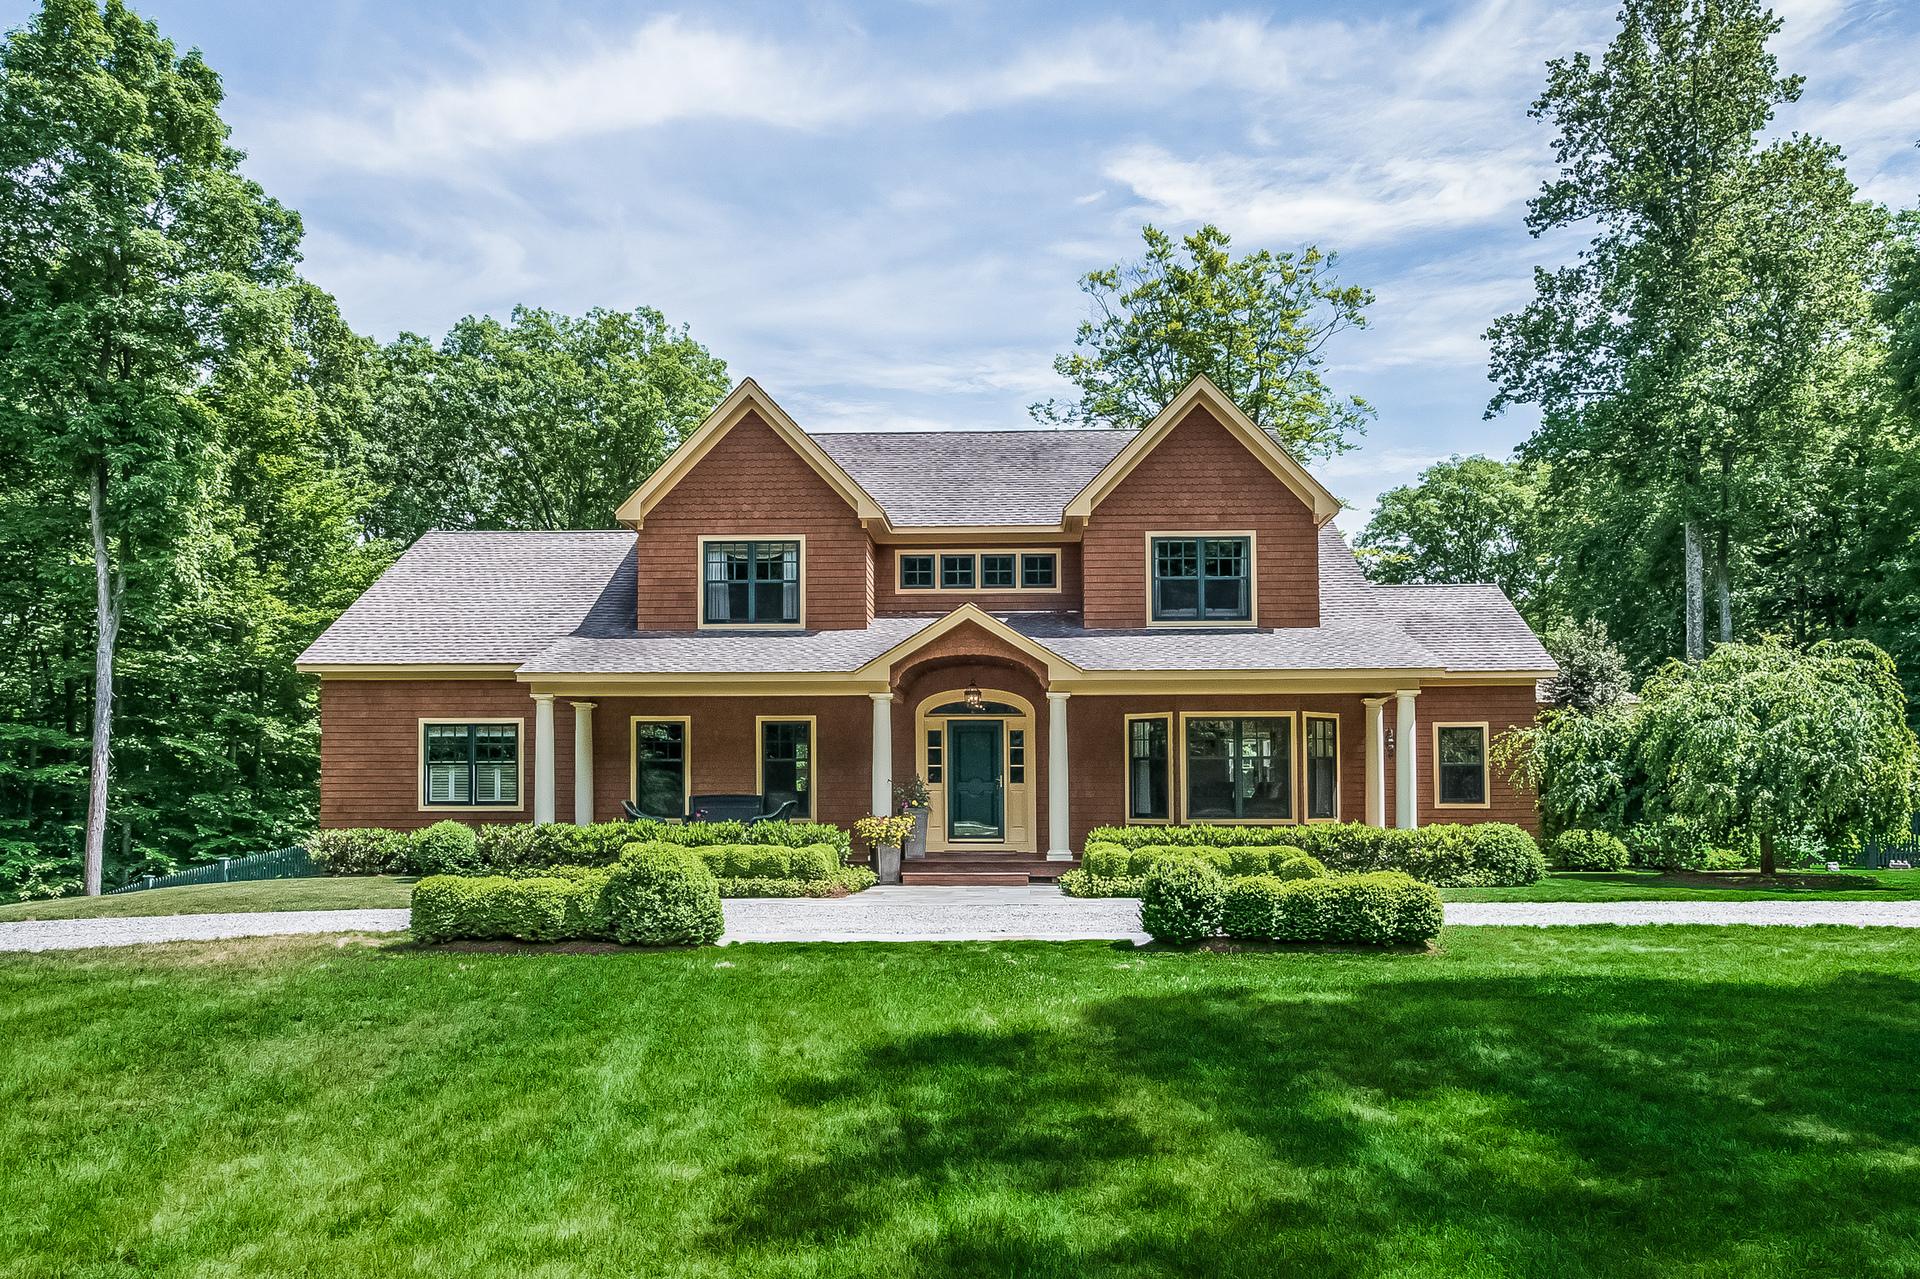 独户住宅 为 销售 在 12 Acre Gentleman's Estate 72 Birch Mill Rd Killingworth, 康涅狄格州 06419 美国